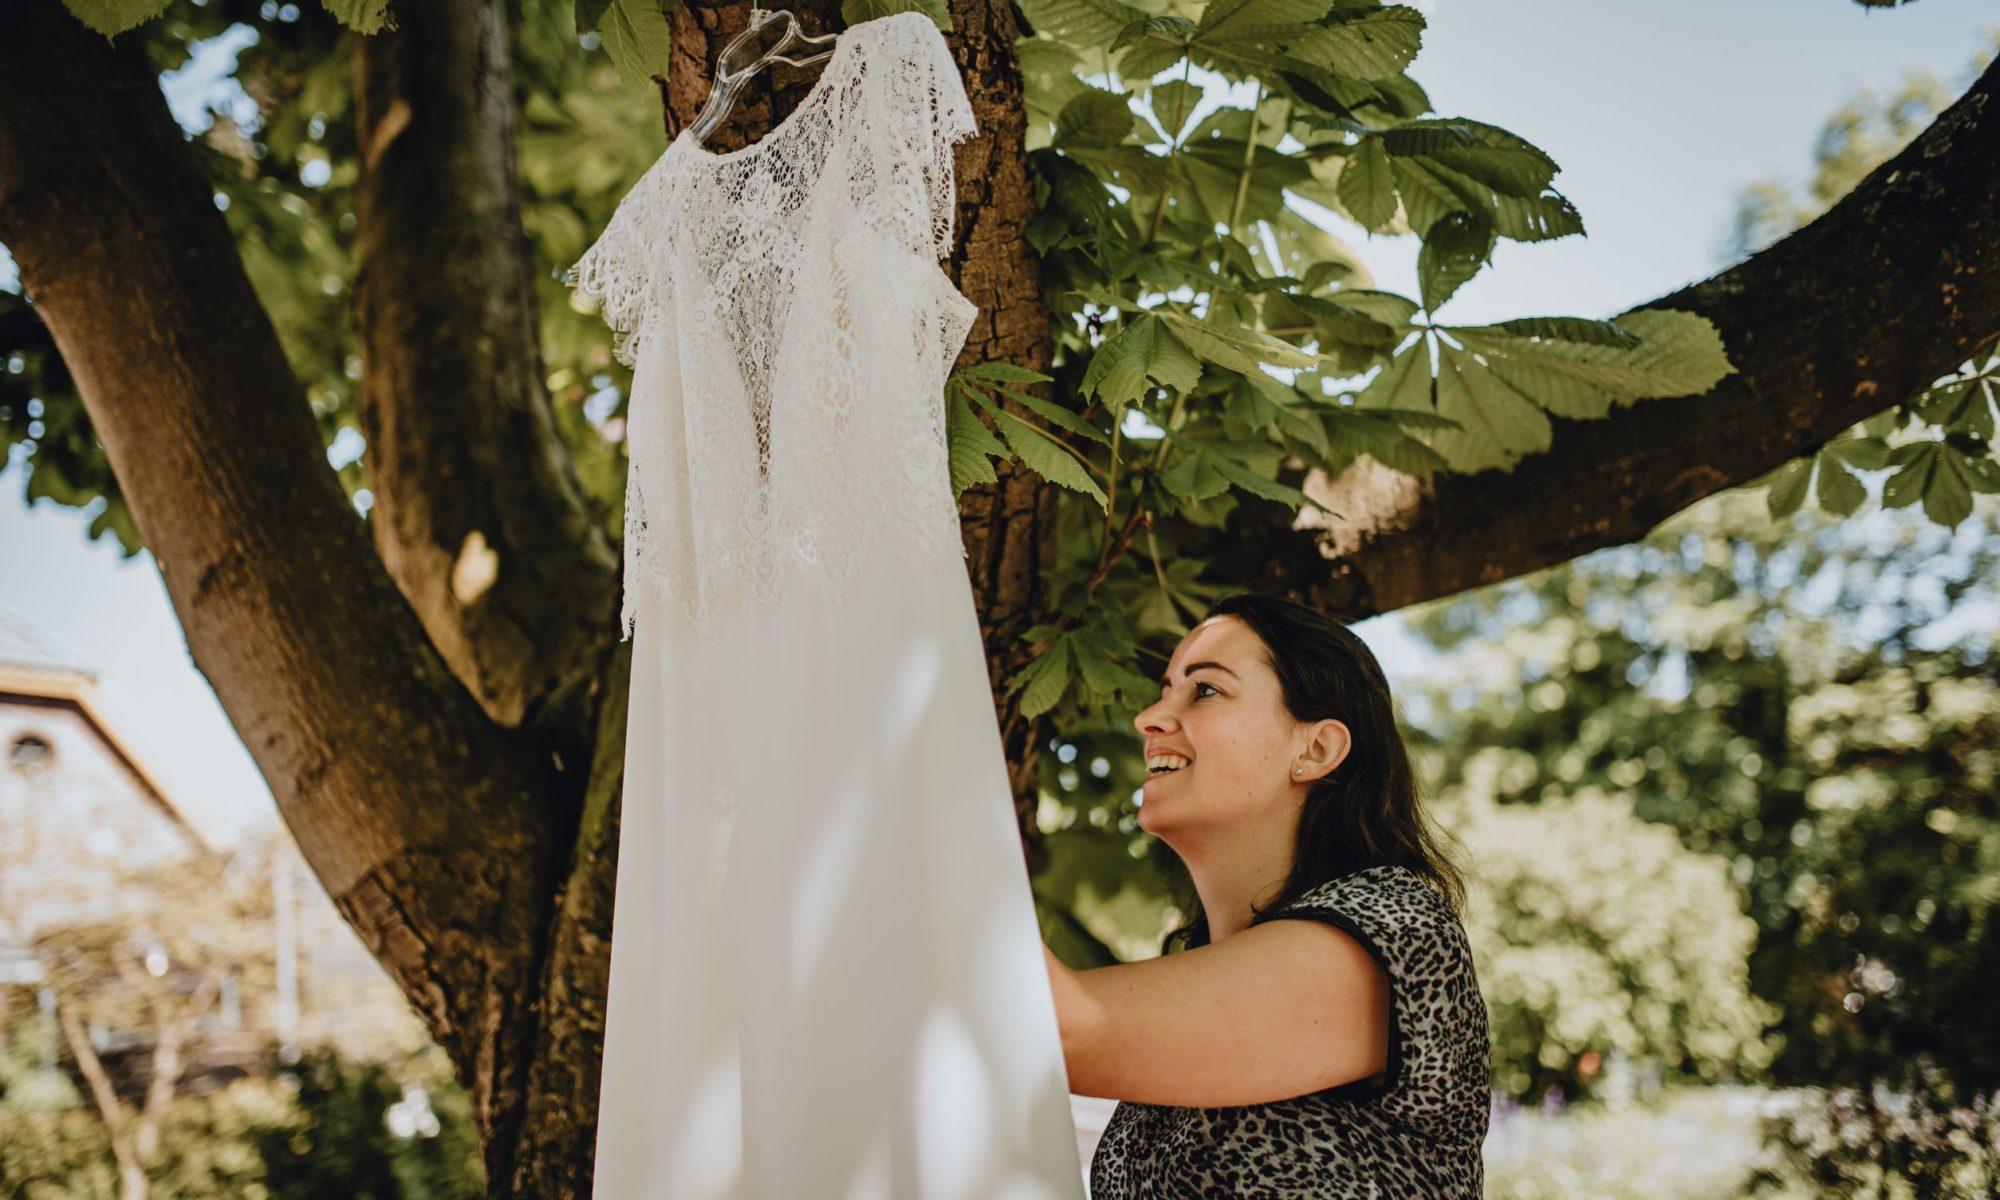 diensten van perfecte bruiloften